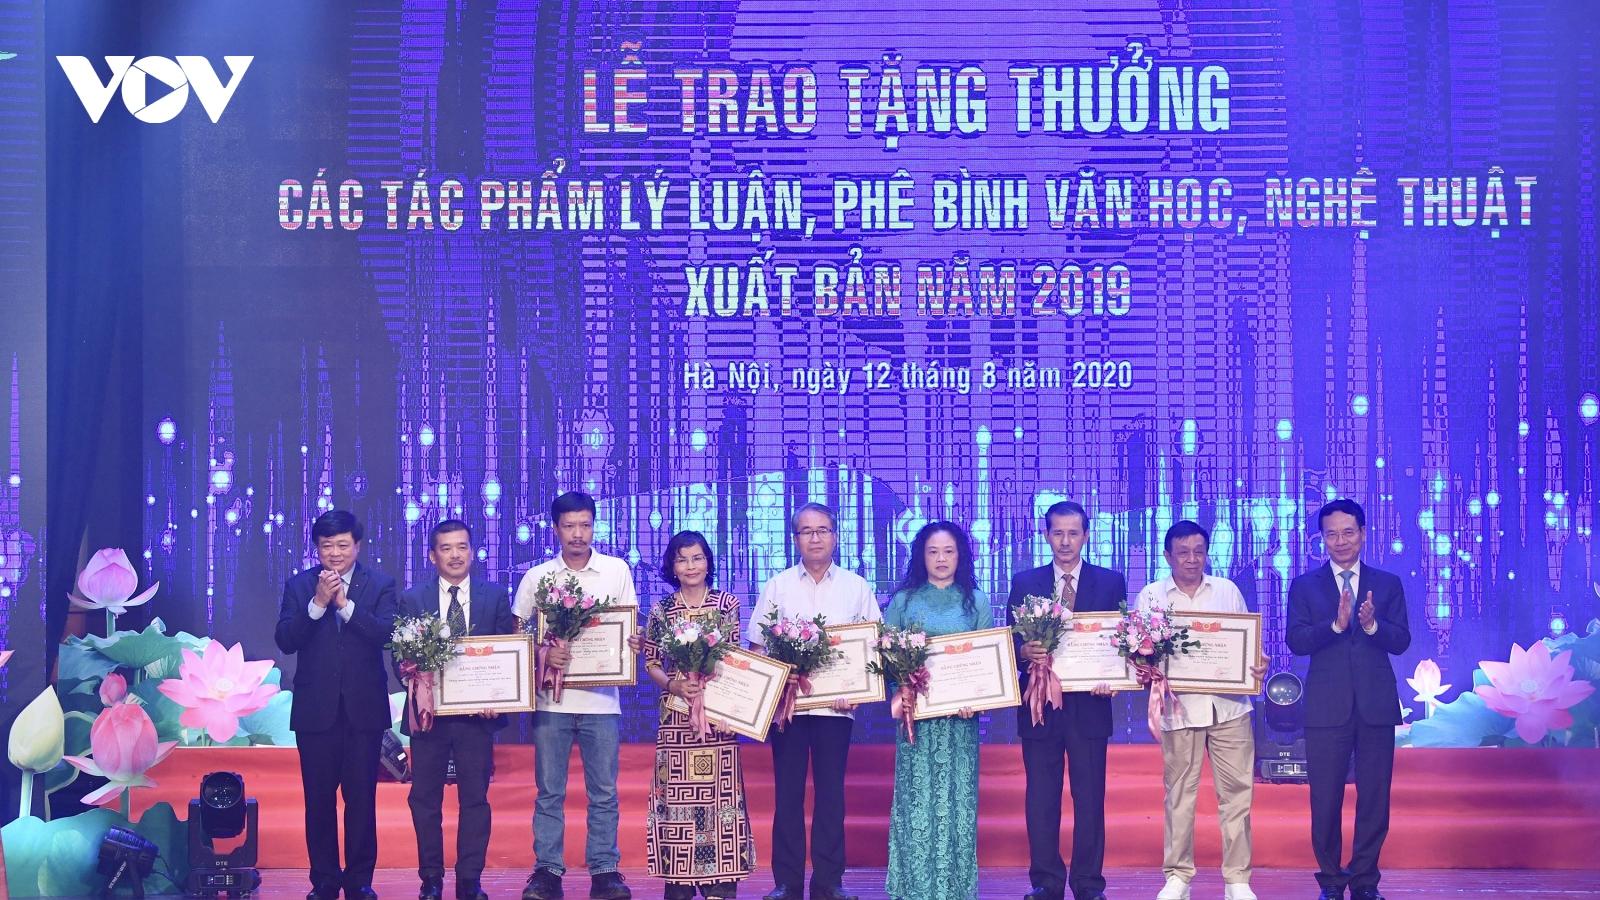 Toàn cảnh Lễ trao tặng thưởng các tác phẩm lý luận, phê bình VHNT 2019